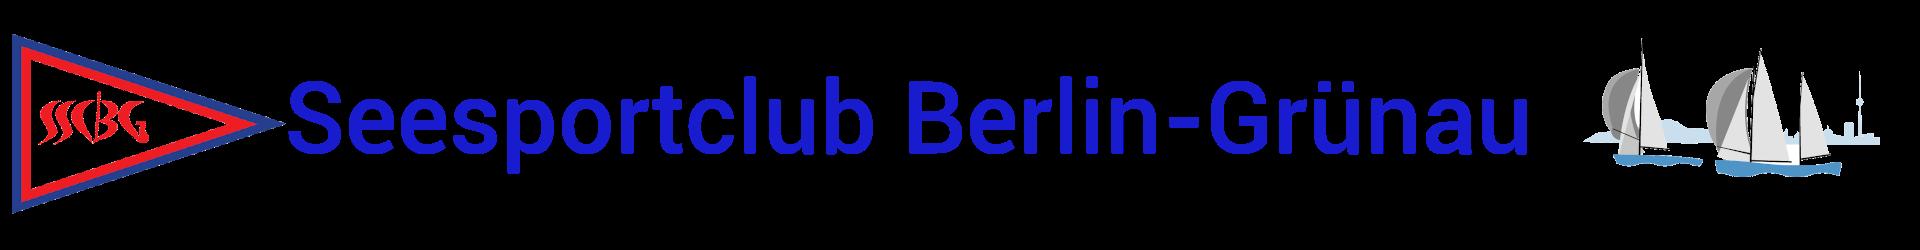 Seesportclub Berlin-Grünau e.V.